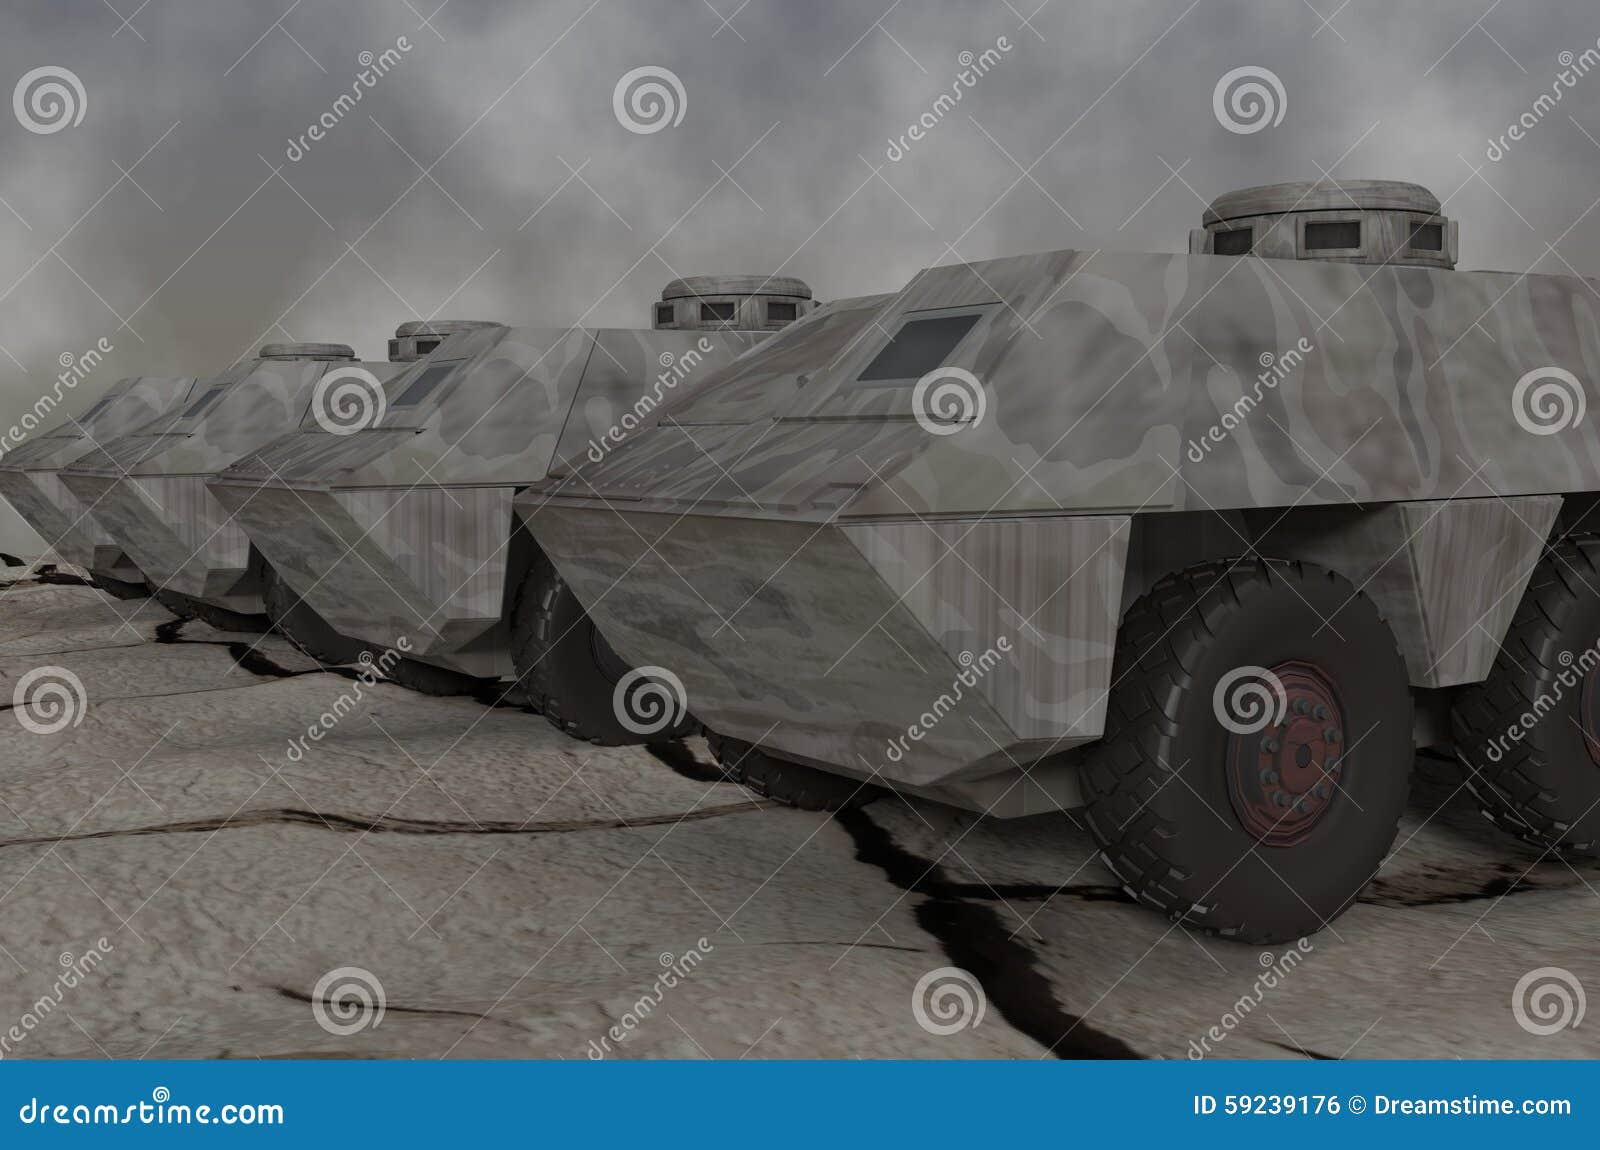 Download Vehículos de ejército stock de ilustración. Ilustración de awaiting - 59239176